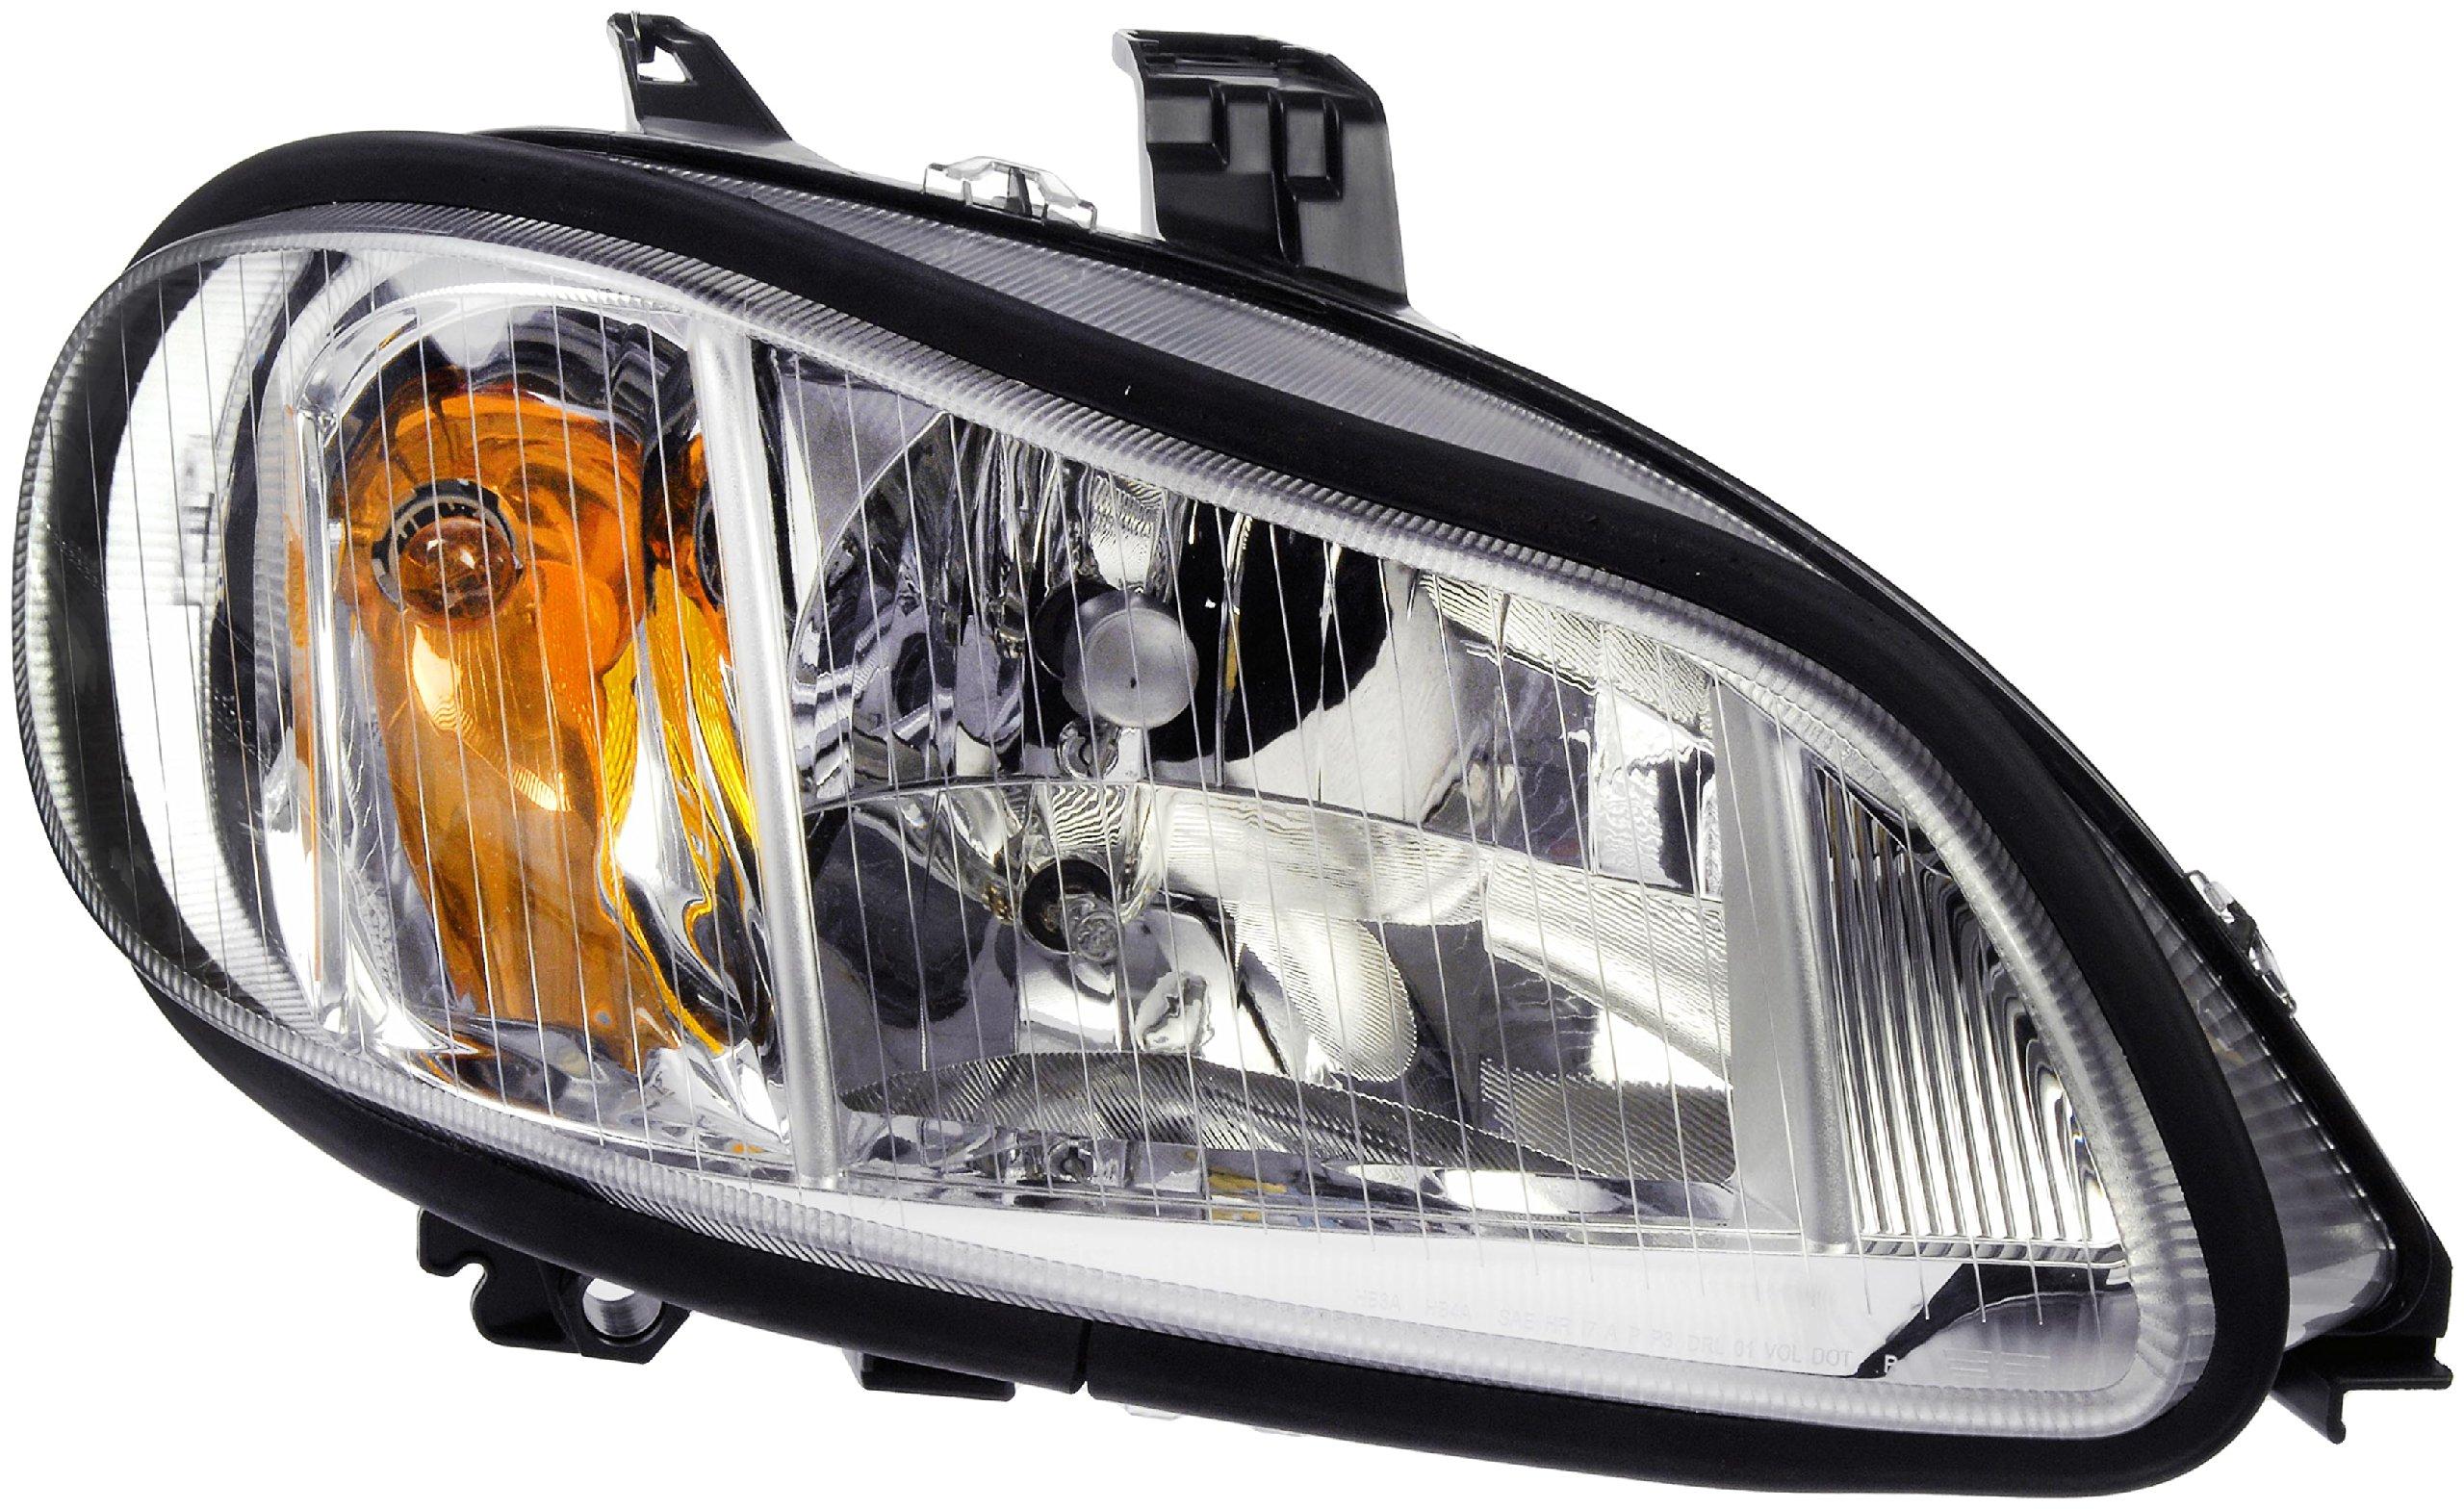 Dorman 888-5203 Passenger Side Headlight Assembly For Select Freightliner/Thomas Models